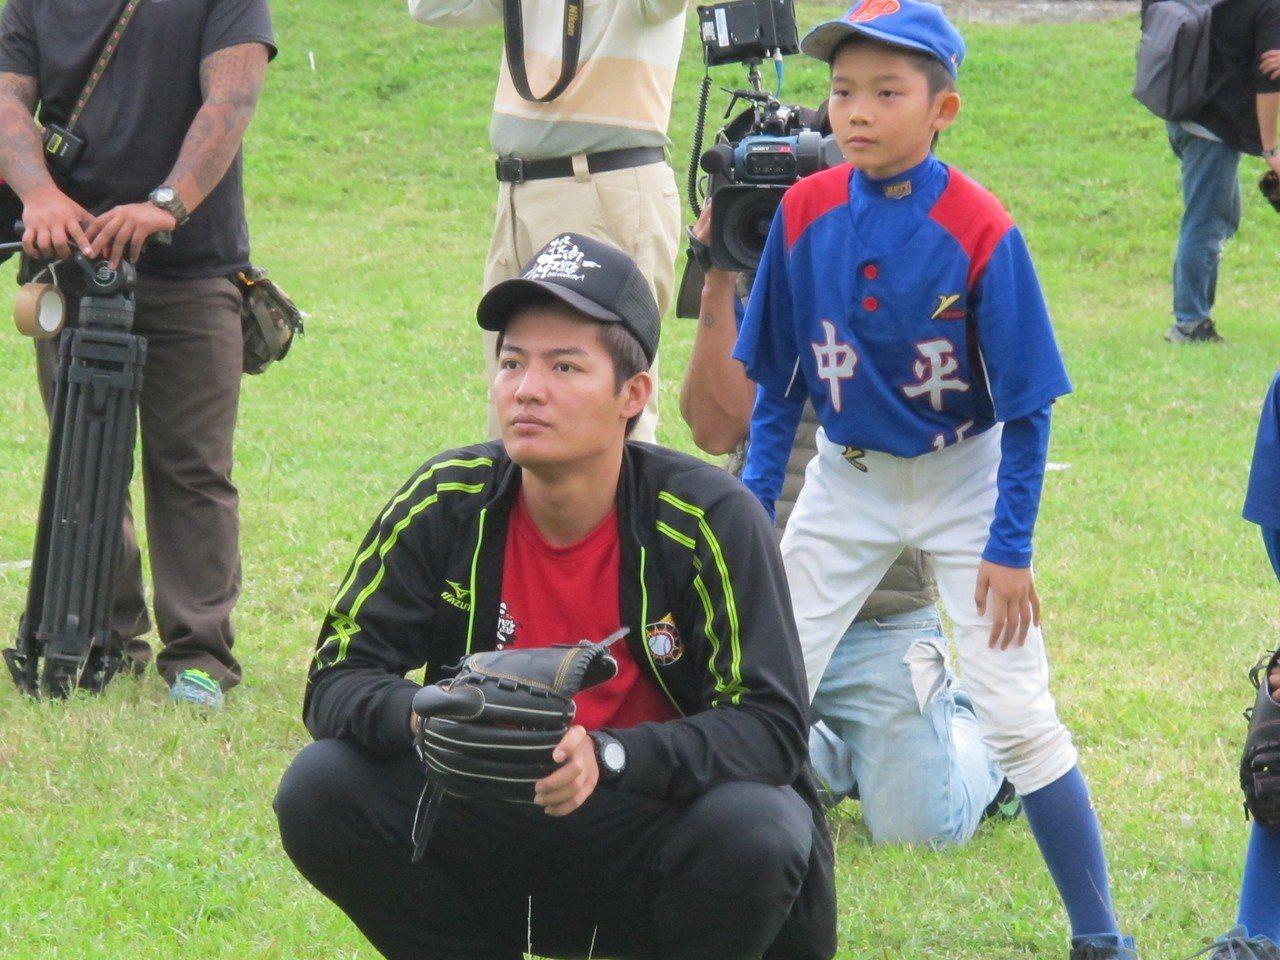 旅美投手王維中在關懷盃戴上手套,親自蹲捕小球員投球。 記者吳敏欣/攝影